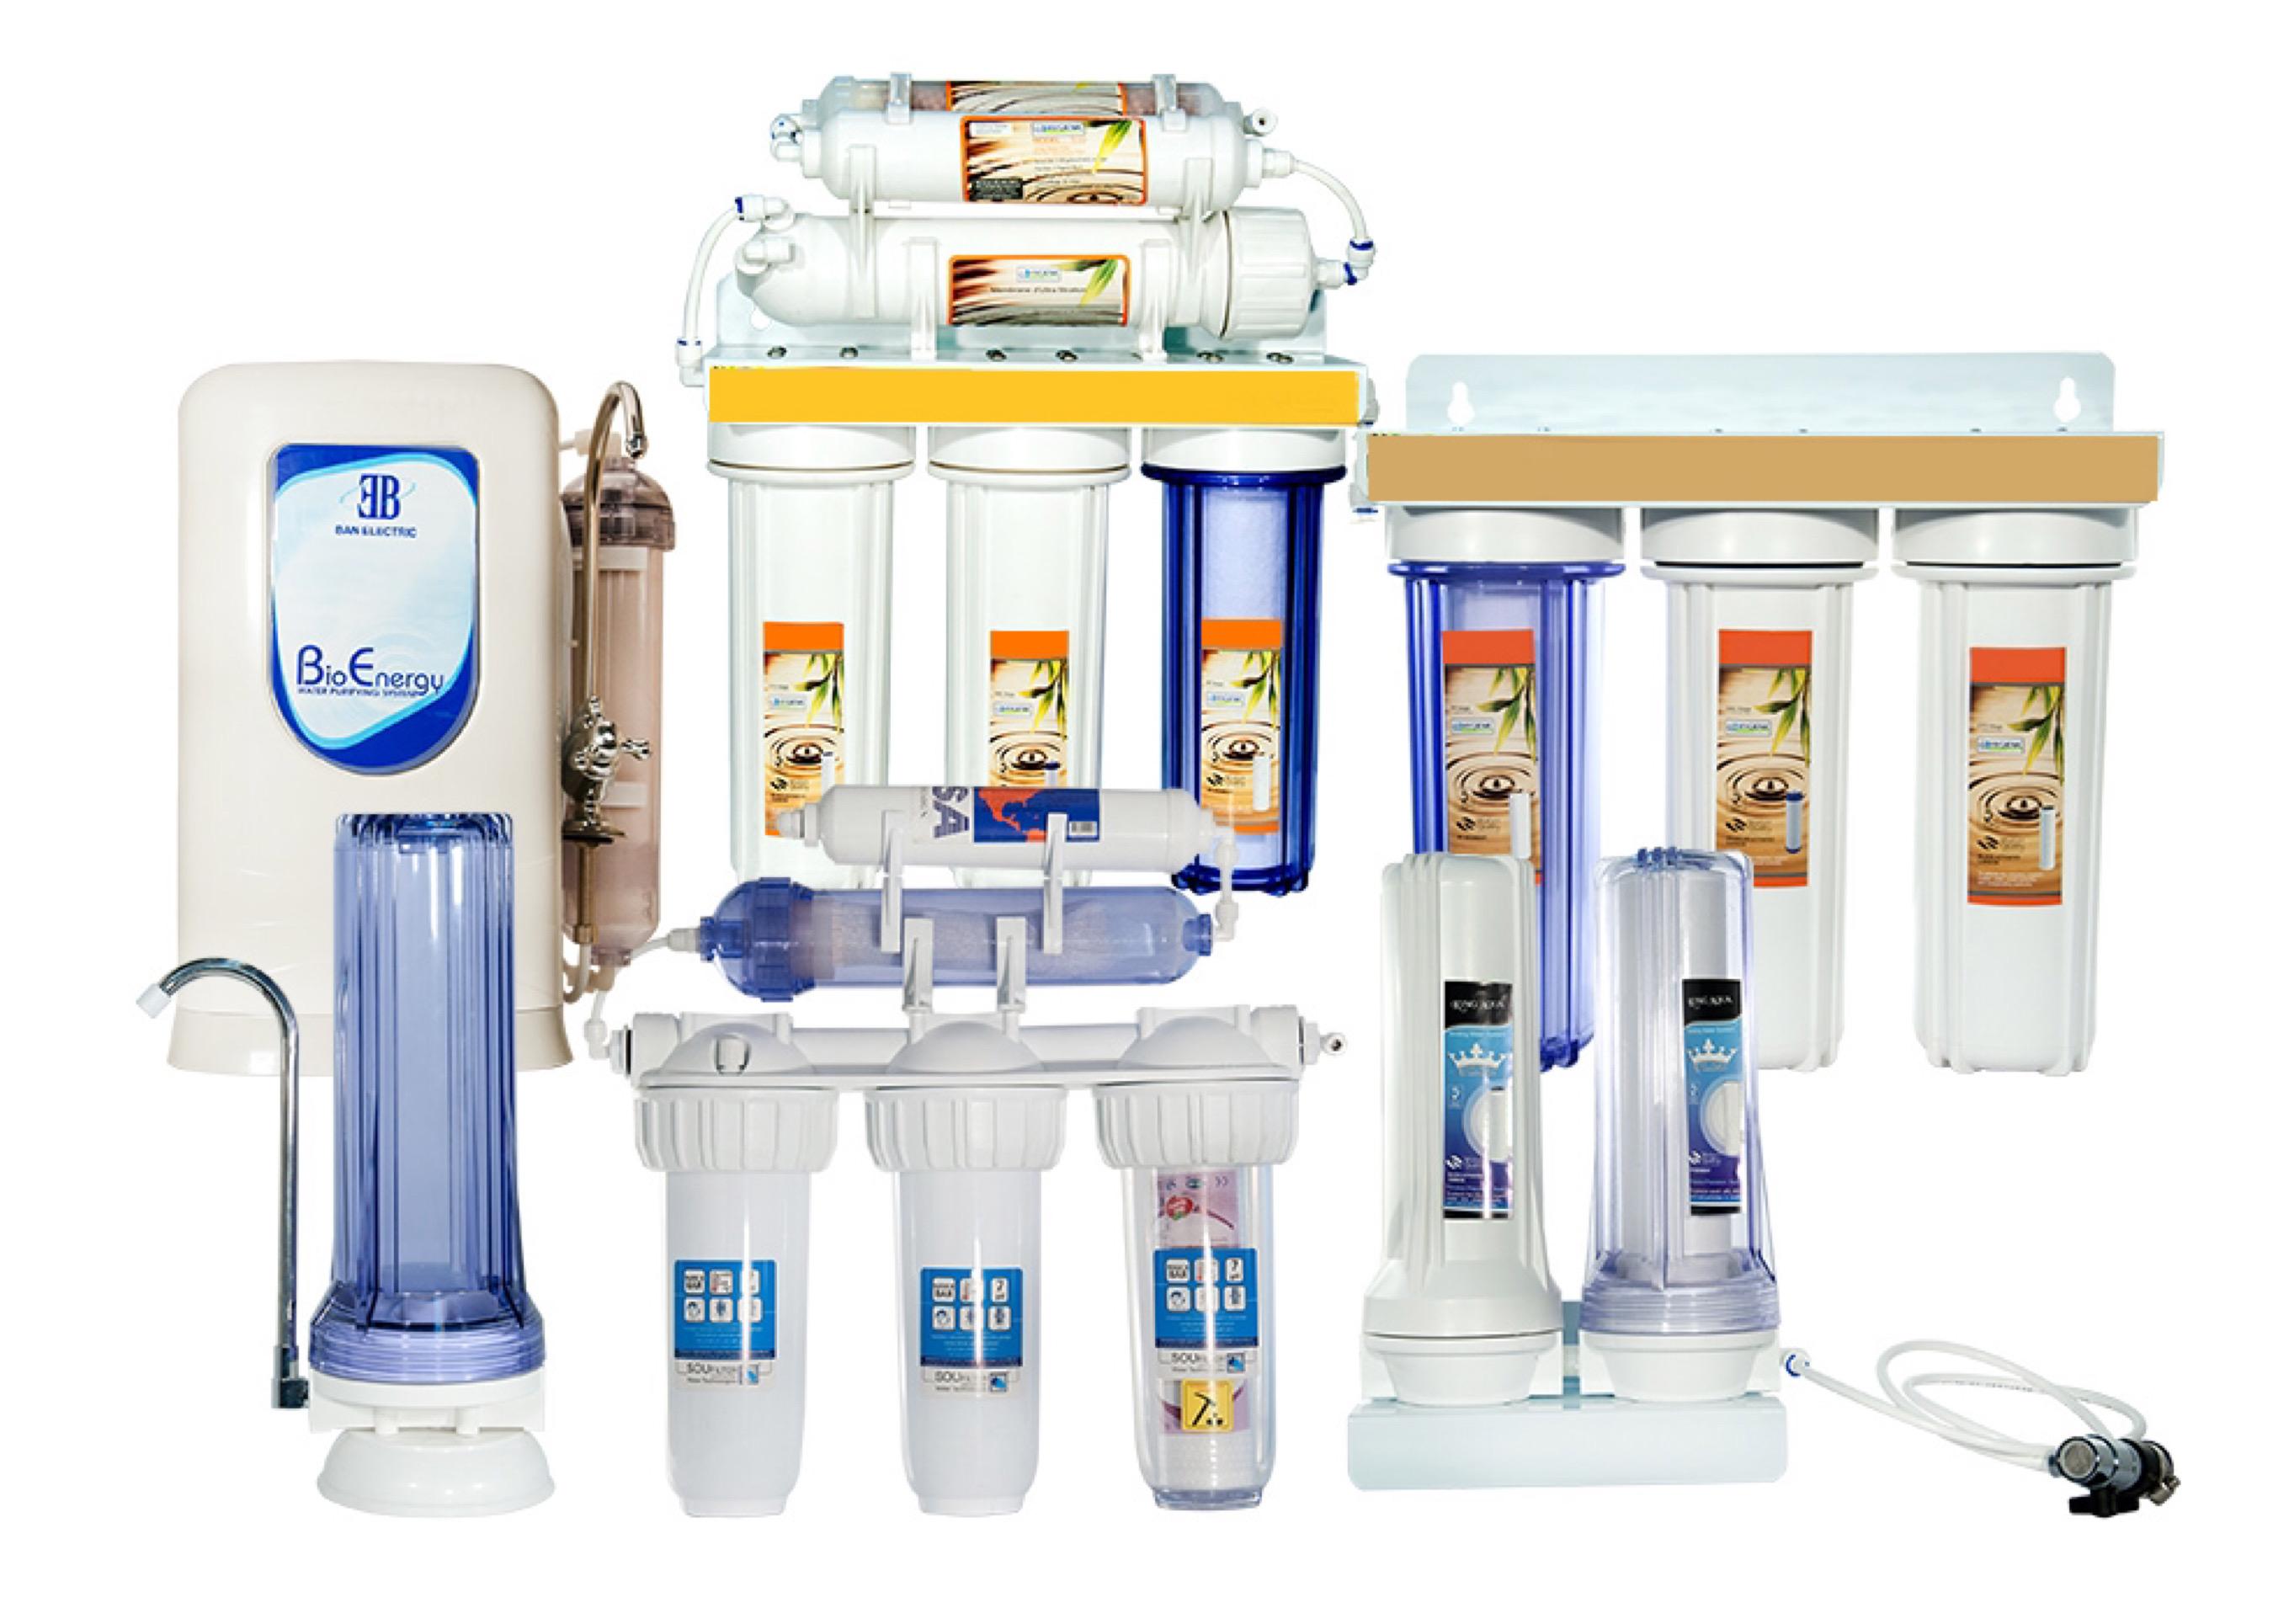 دستگاه تصفیه آب UF , تصفیه آب بدون برق